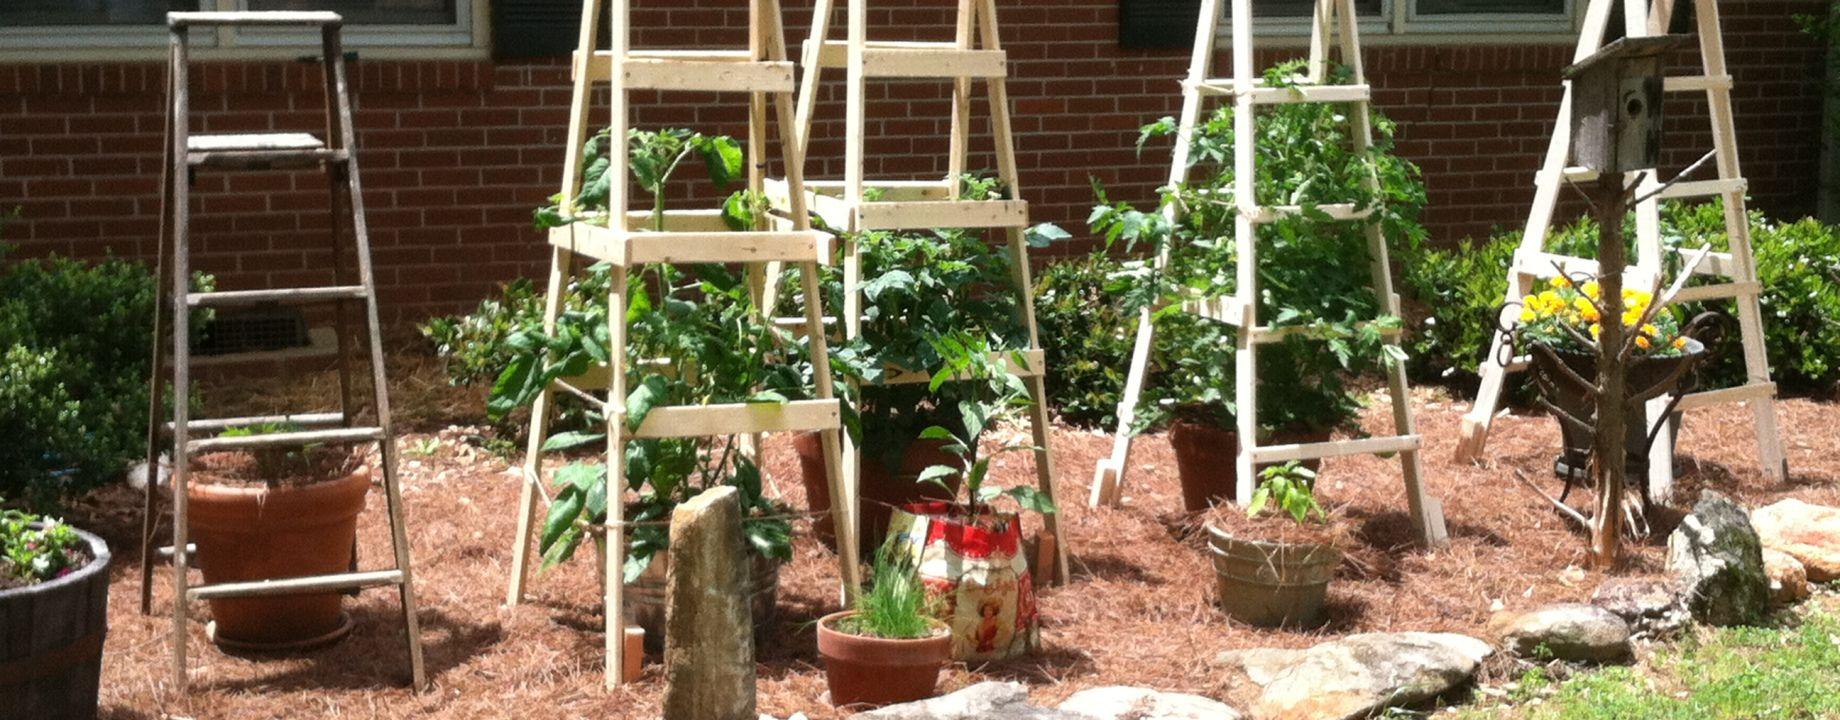 Todd's Tomato Ladders Tomato